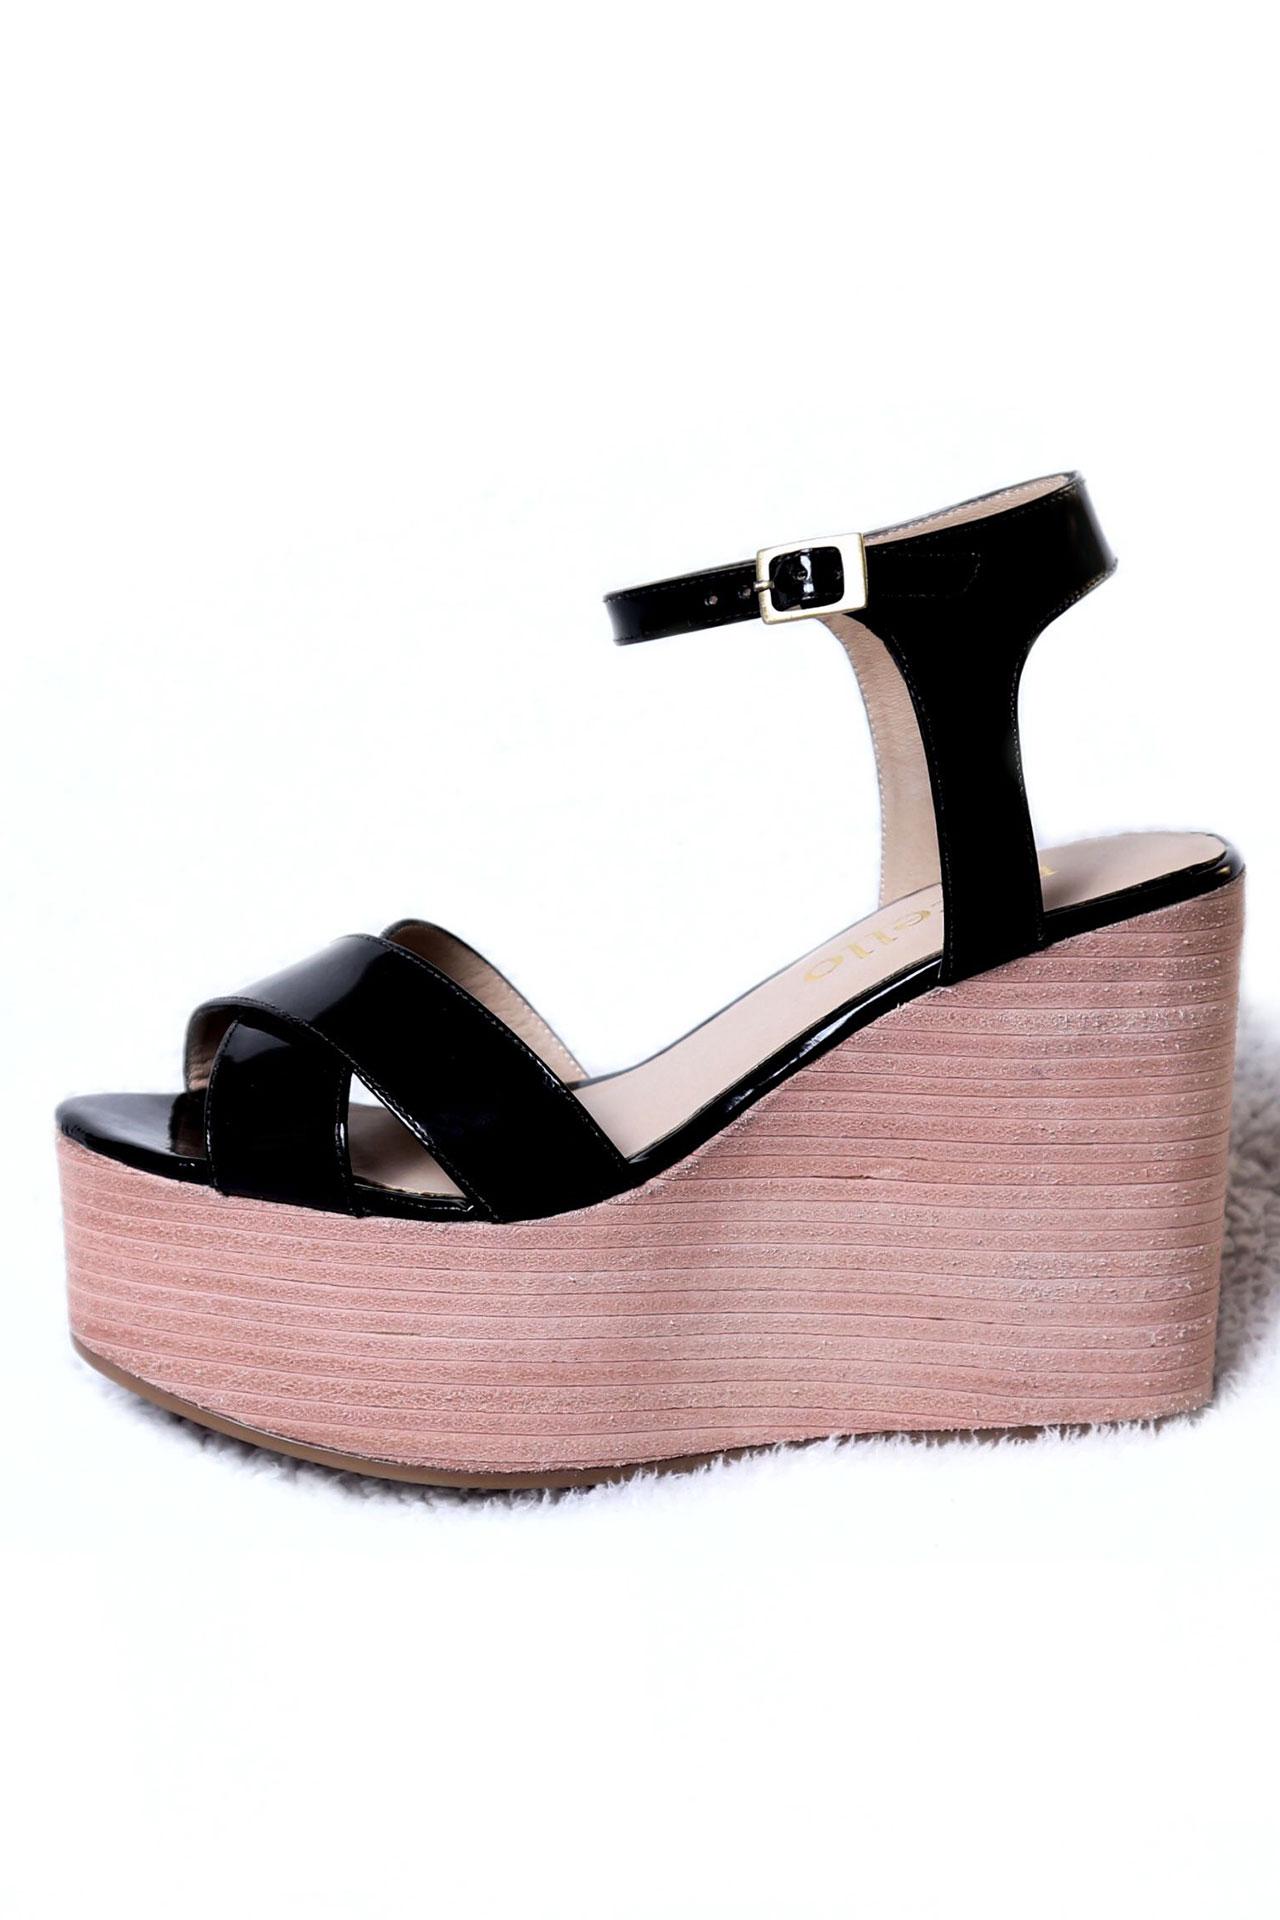 Sandalias 100% de cuero charol, con una plataforma de 10cm.